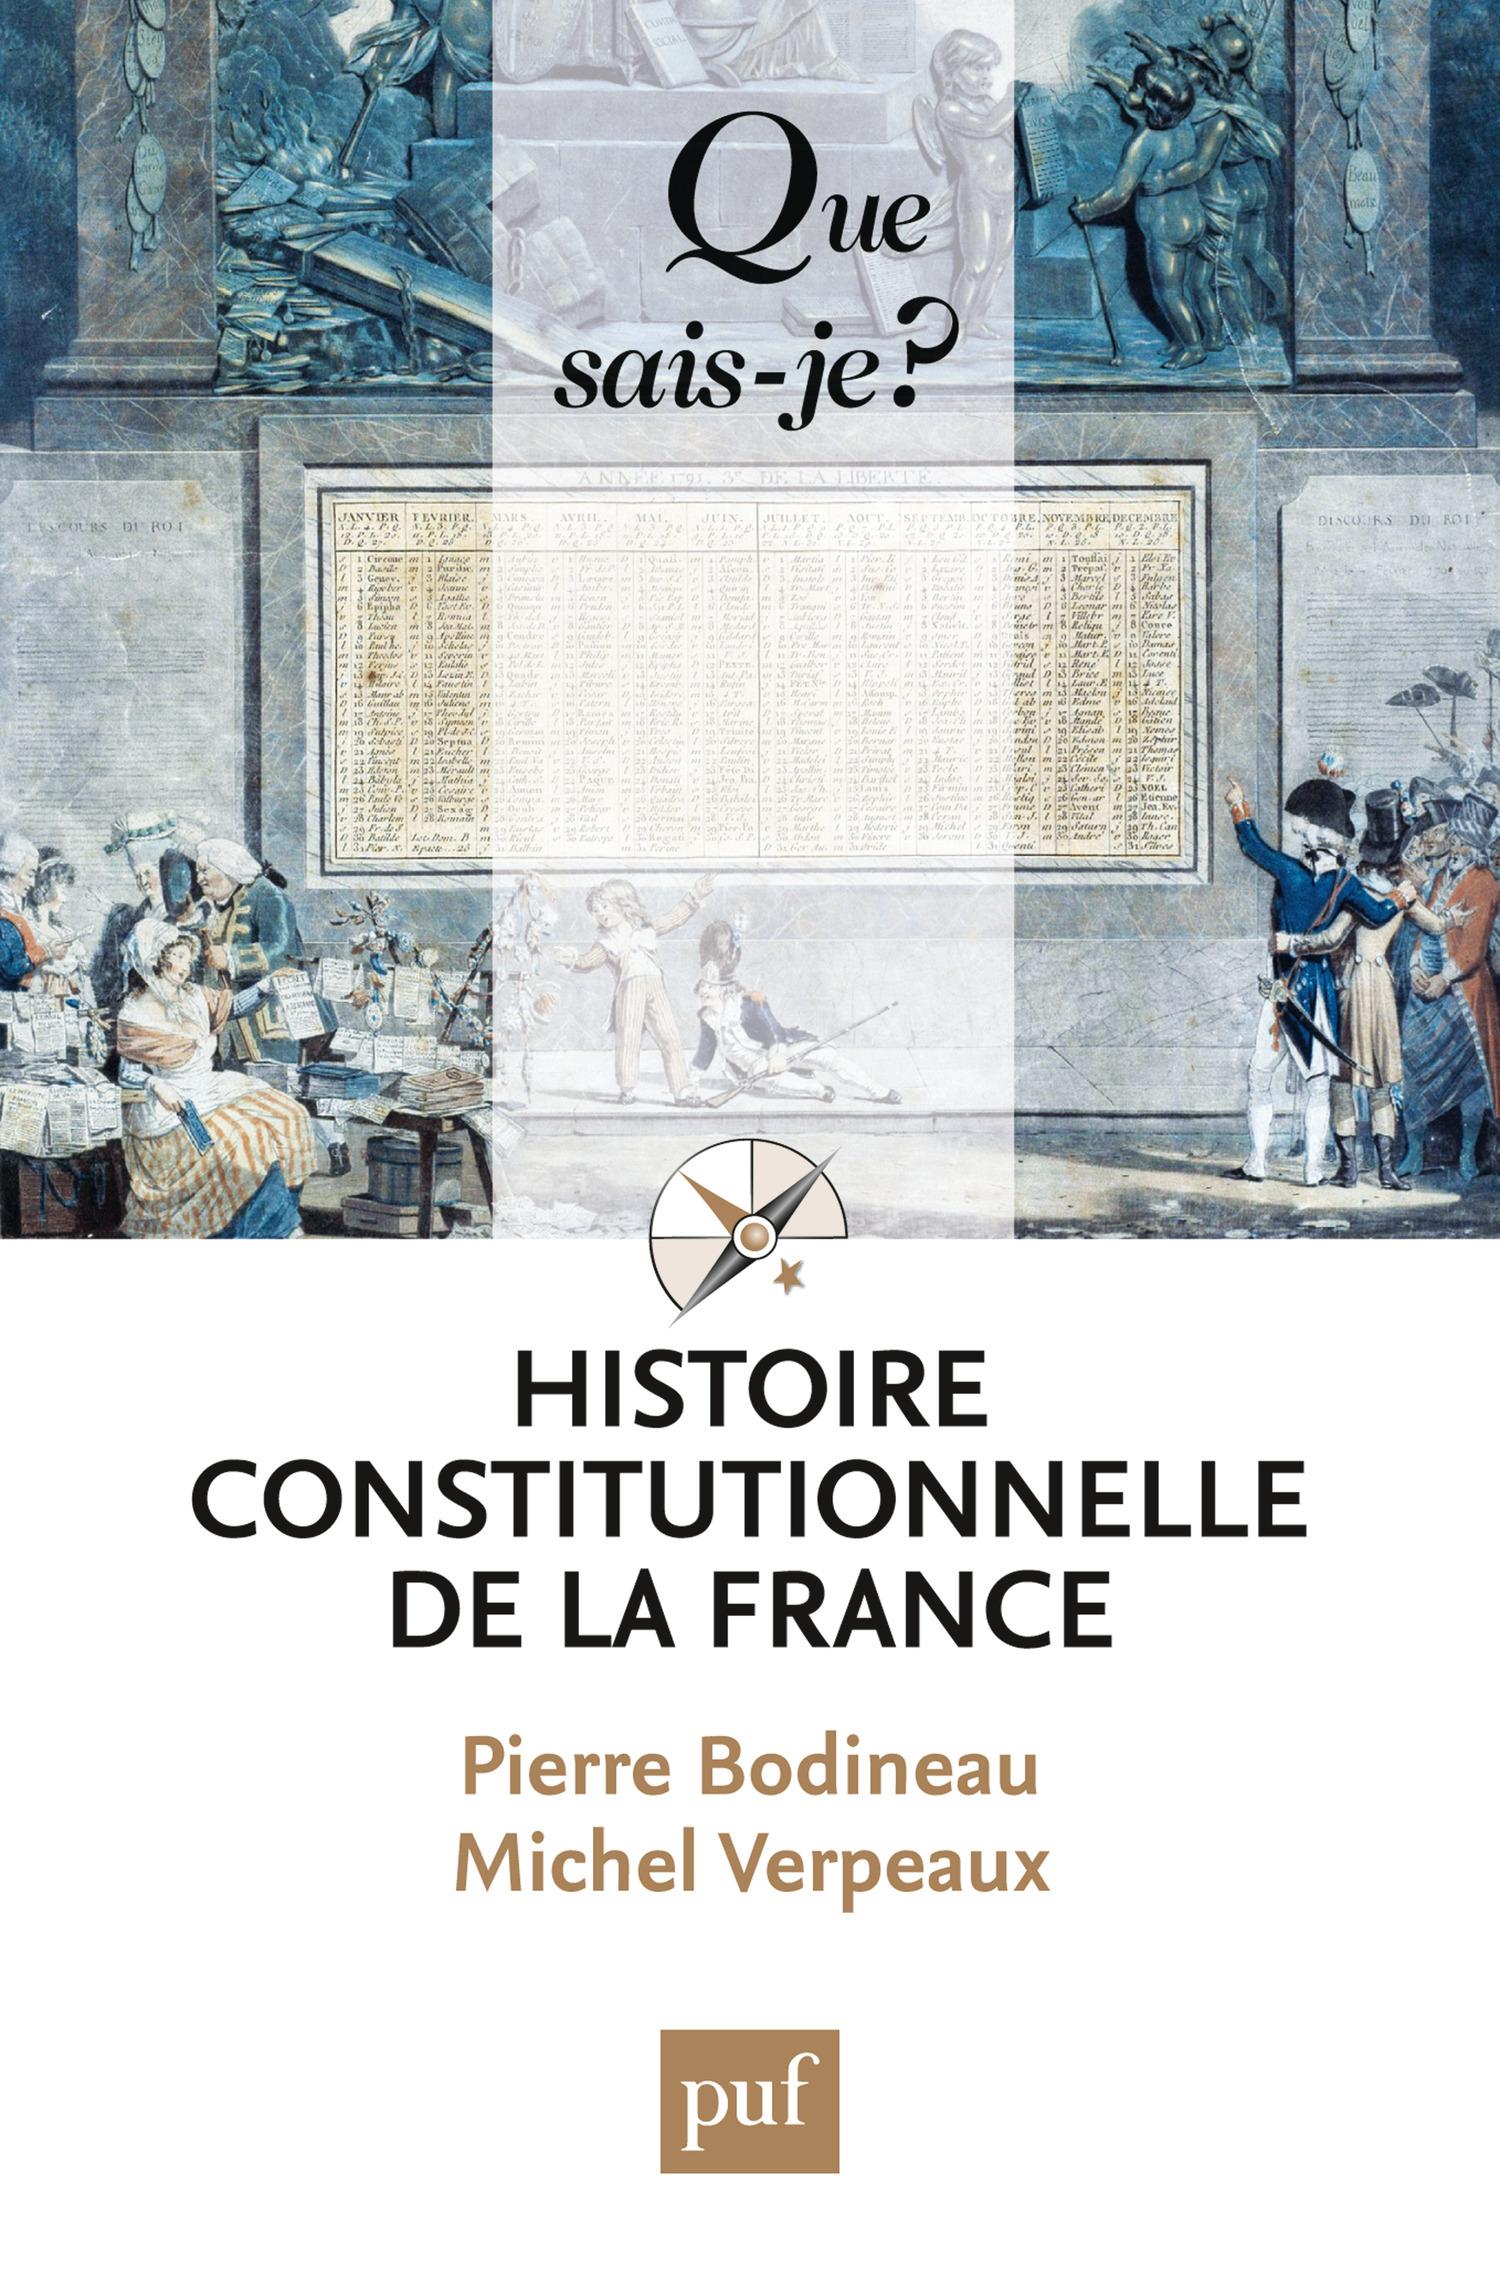 Michel Verpeaux Histoire constitutionnelle de la France